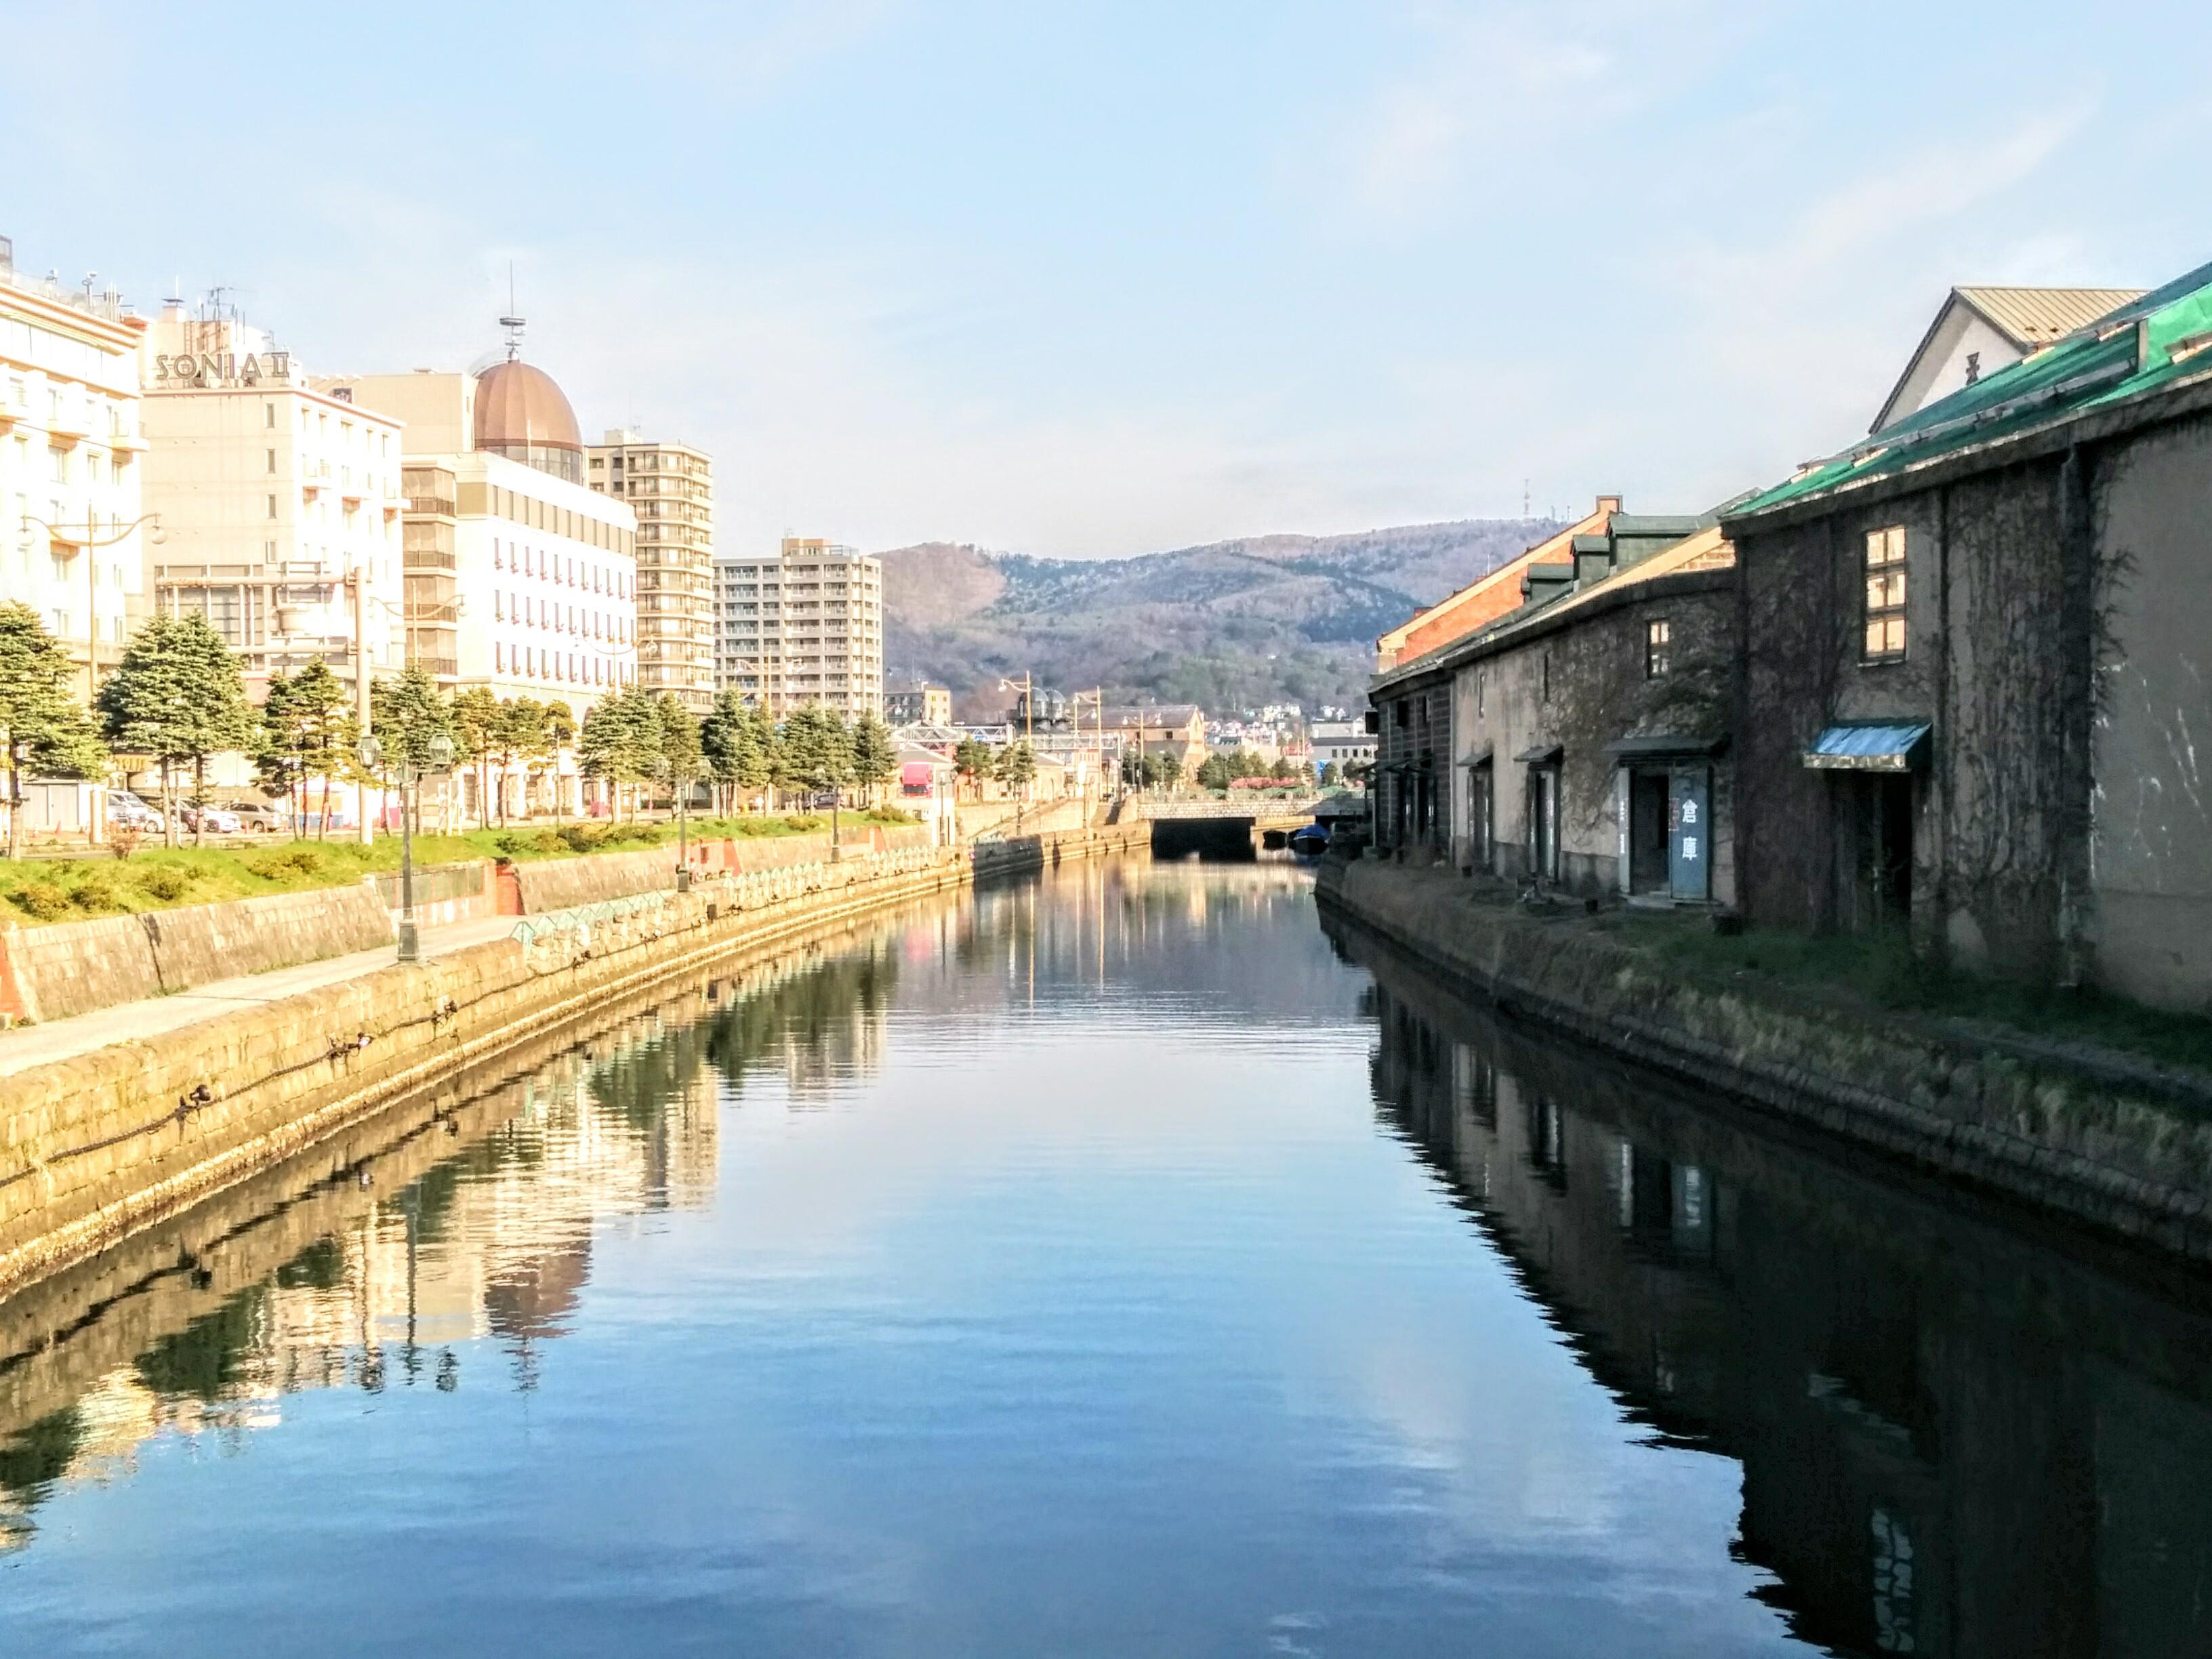 【小樽】小樽運河周辺観光案内です。